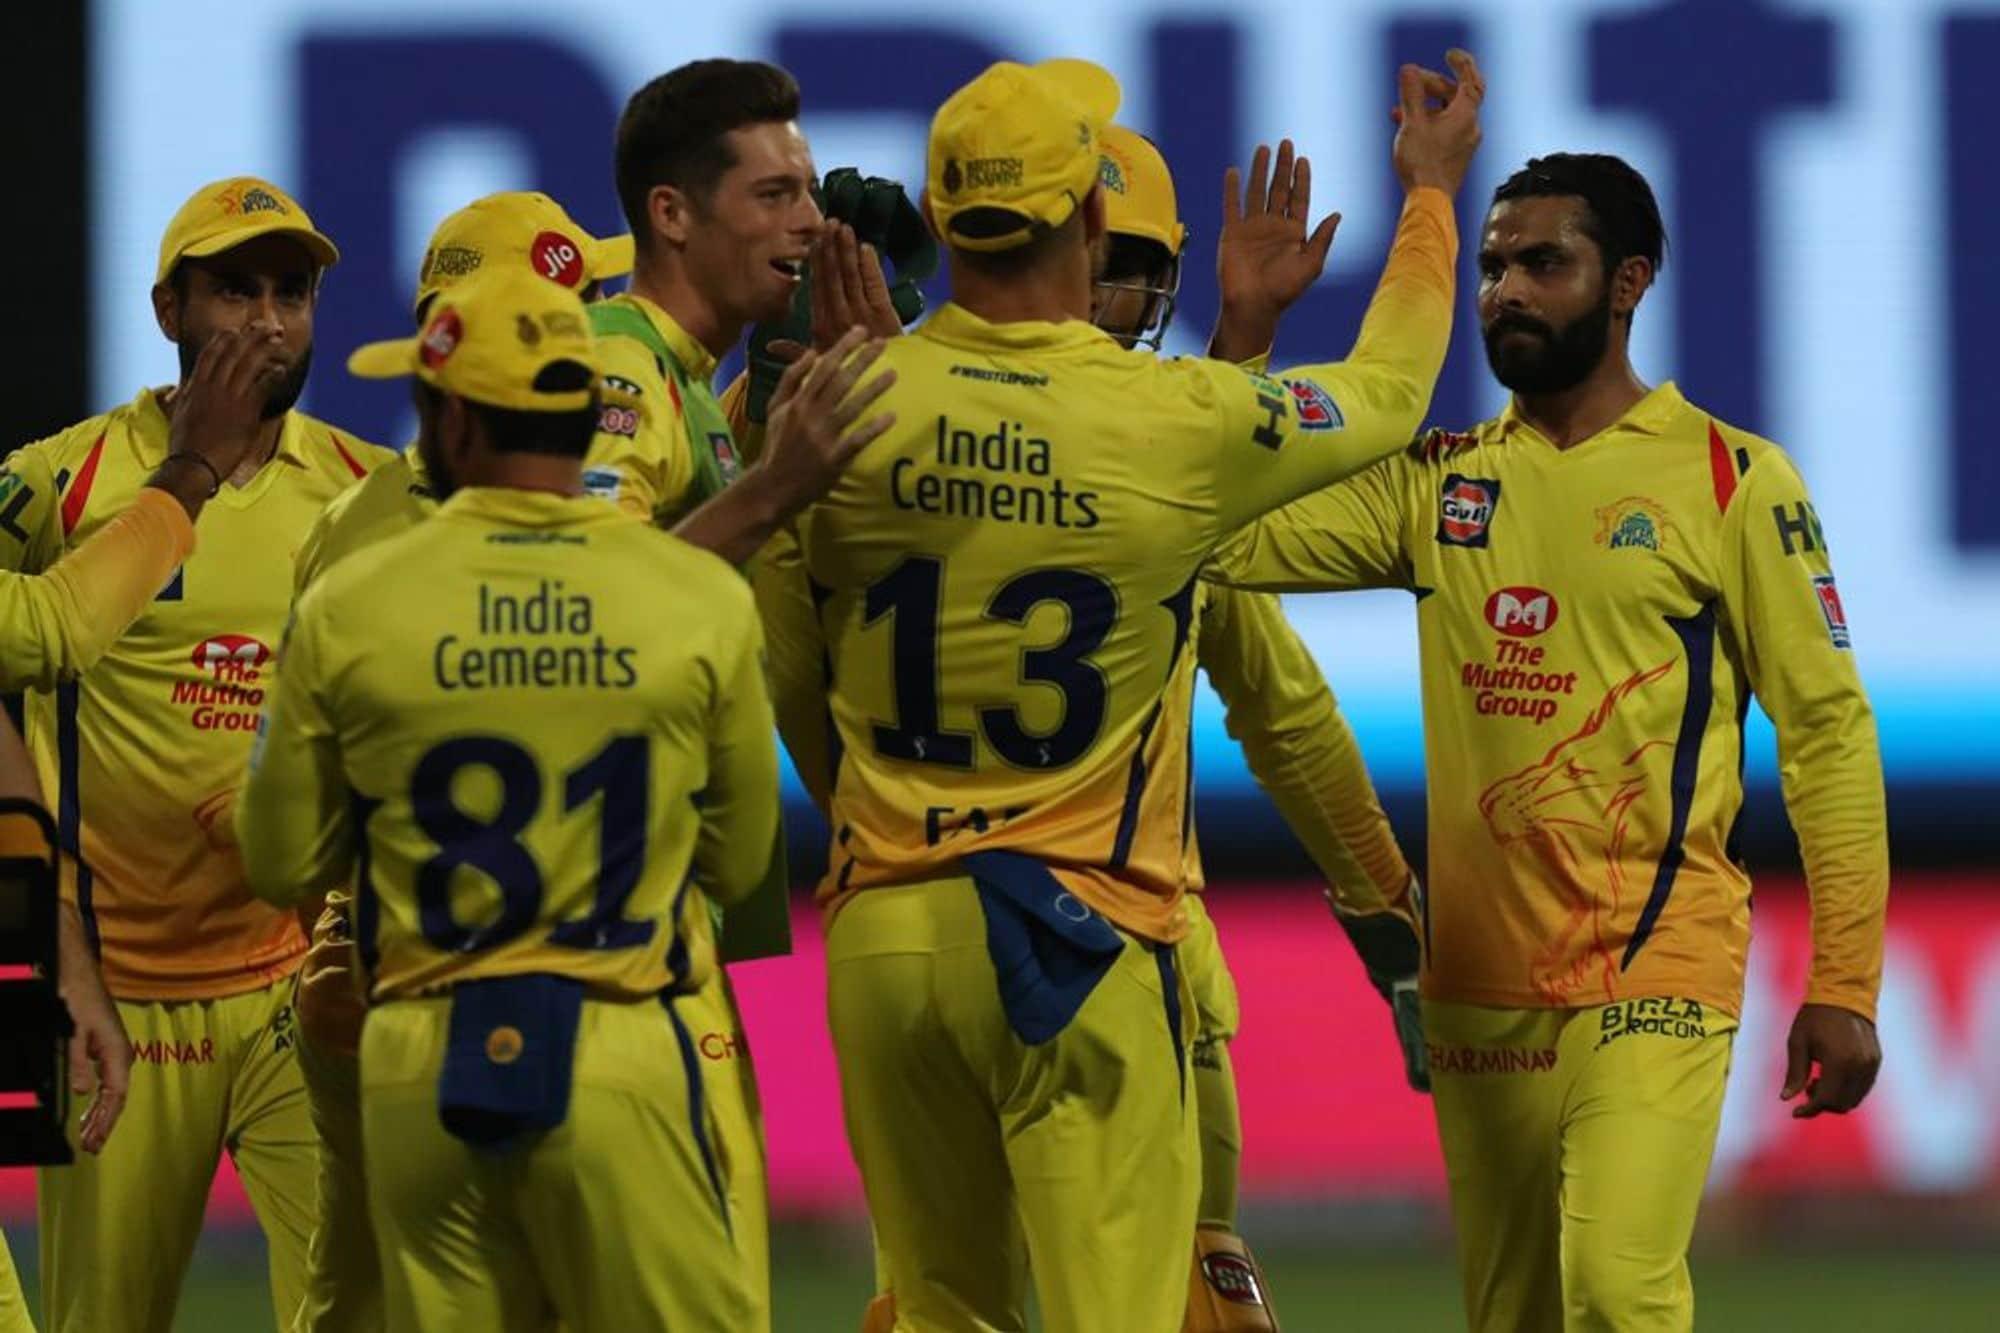 चेन्नई सुपरकिंग्स की जीत की सबसे बड़ी वजह खुद धोनी हैं, जो बतौर कप्तान, बतौर बल्लेबाज और विकेटकीपर अपनी टीम की कामयाबी में अनमोल योगदान देते हैं (PC -IPL)